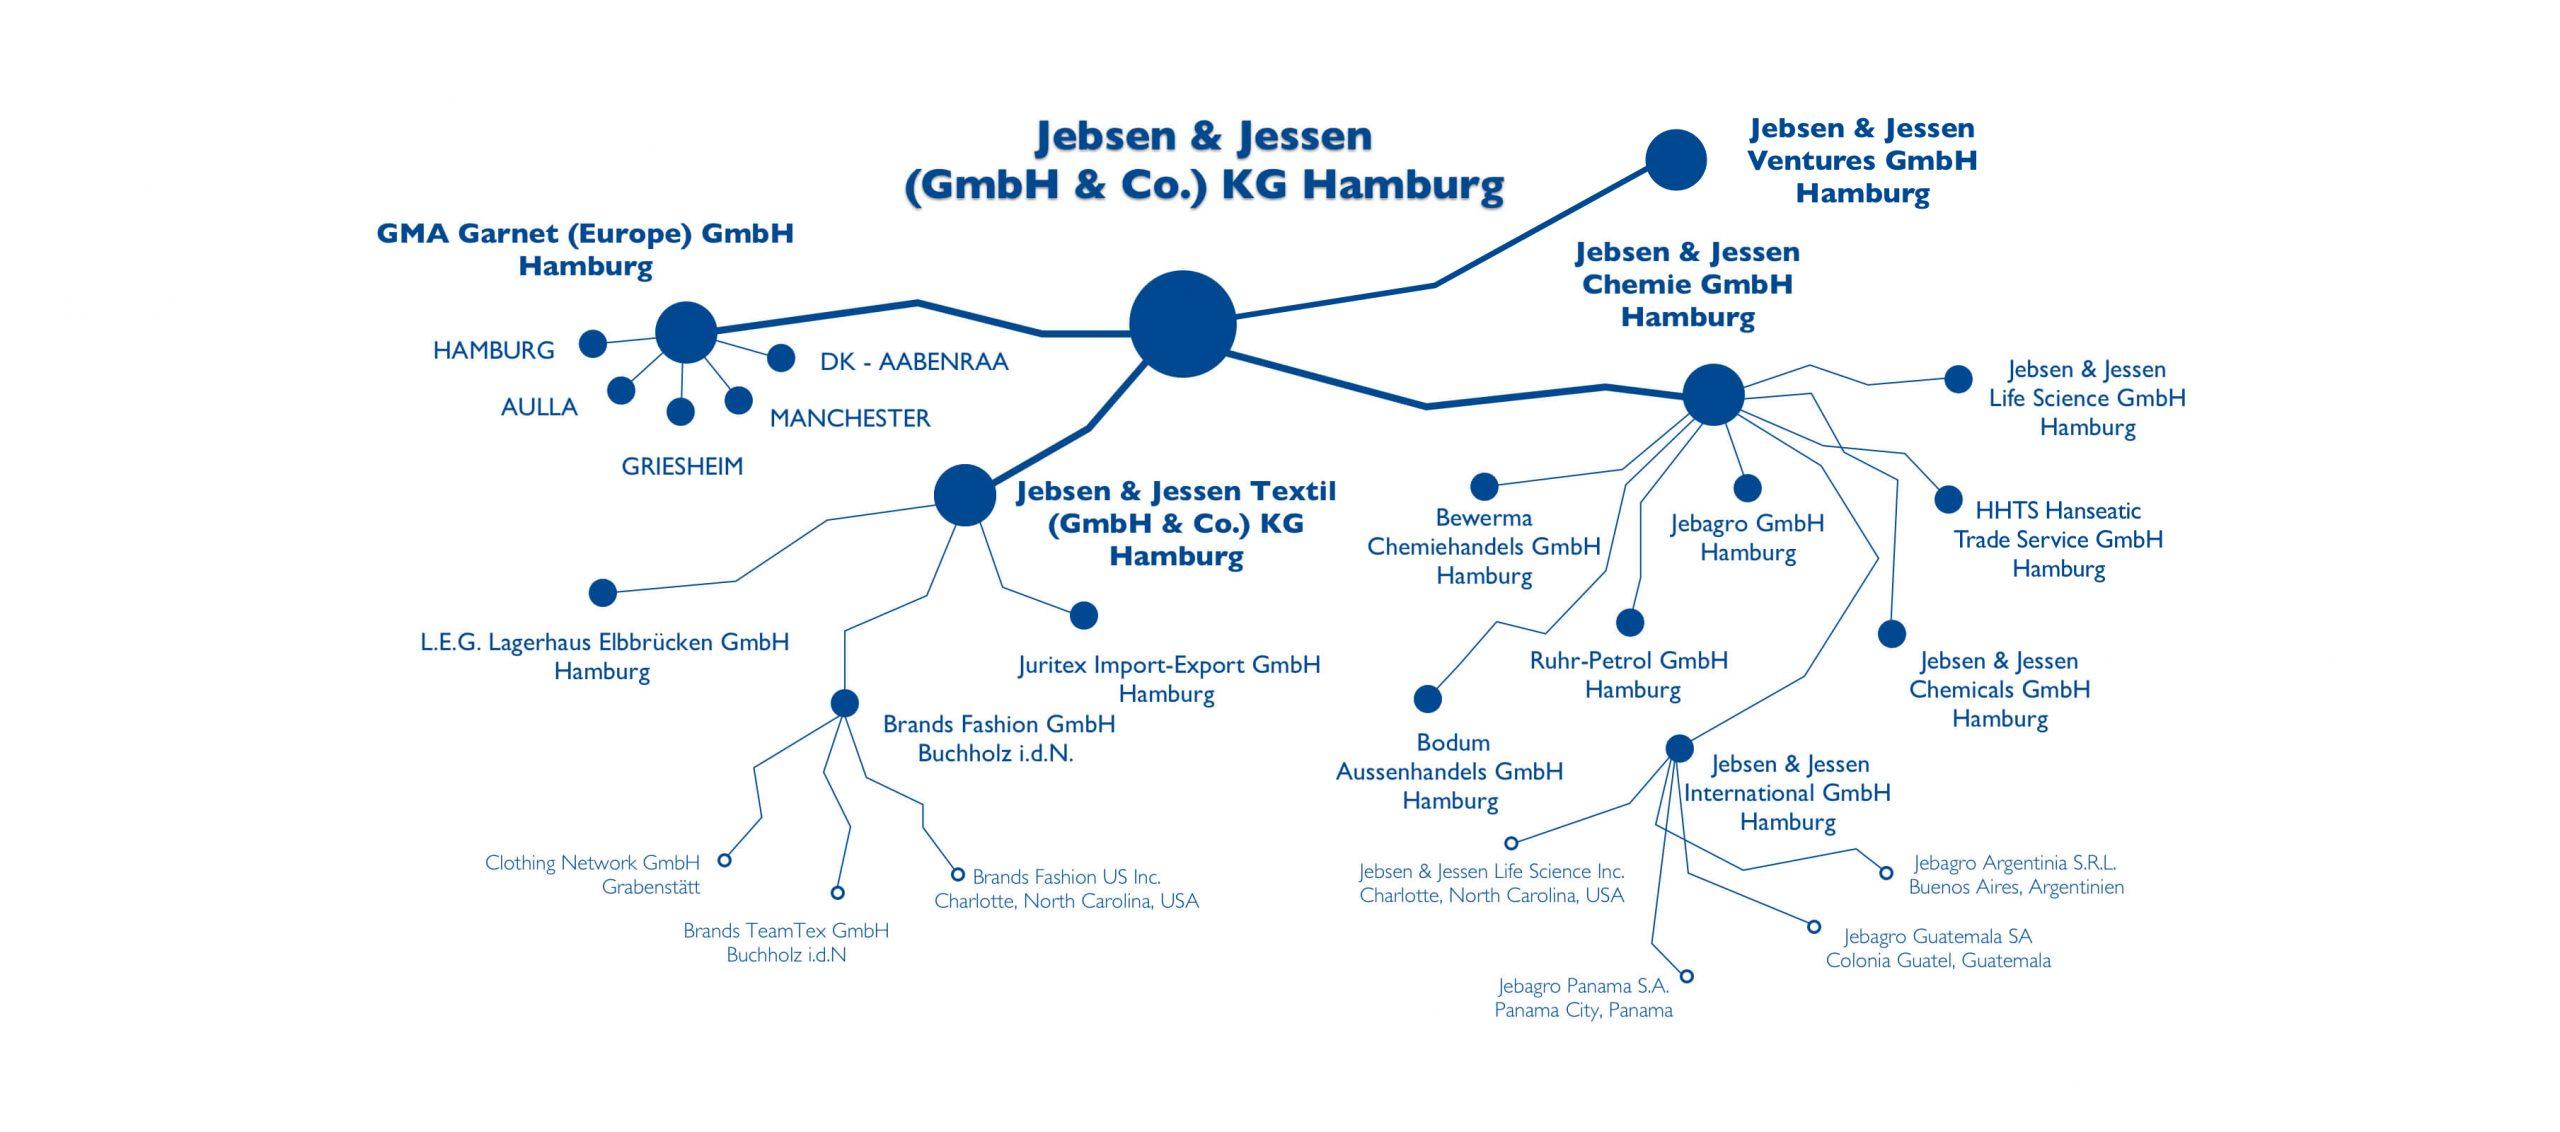 Jebsen & Jessen Organigram